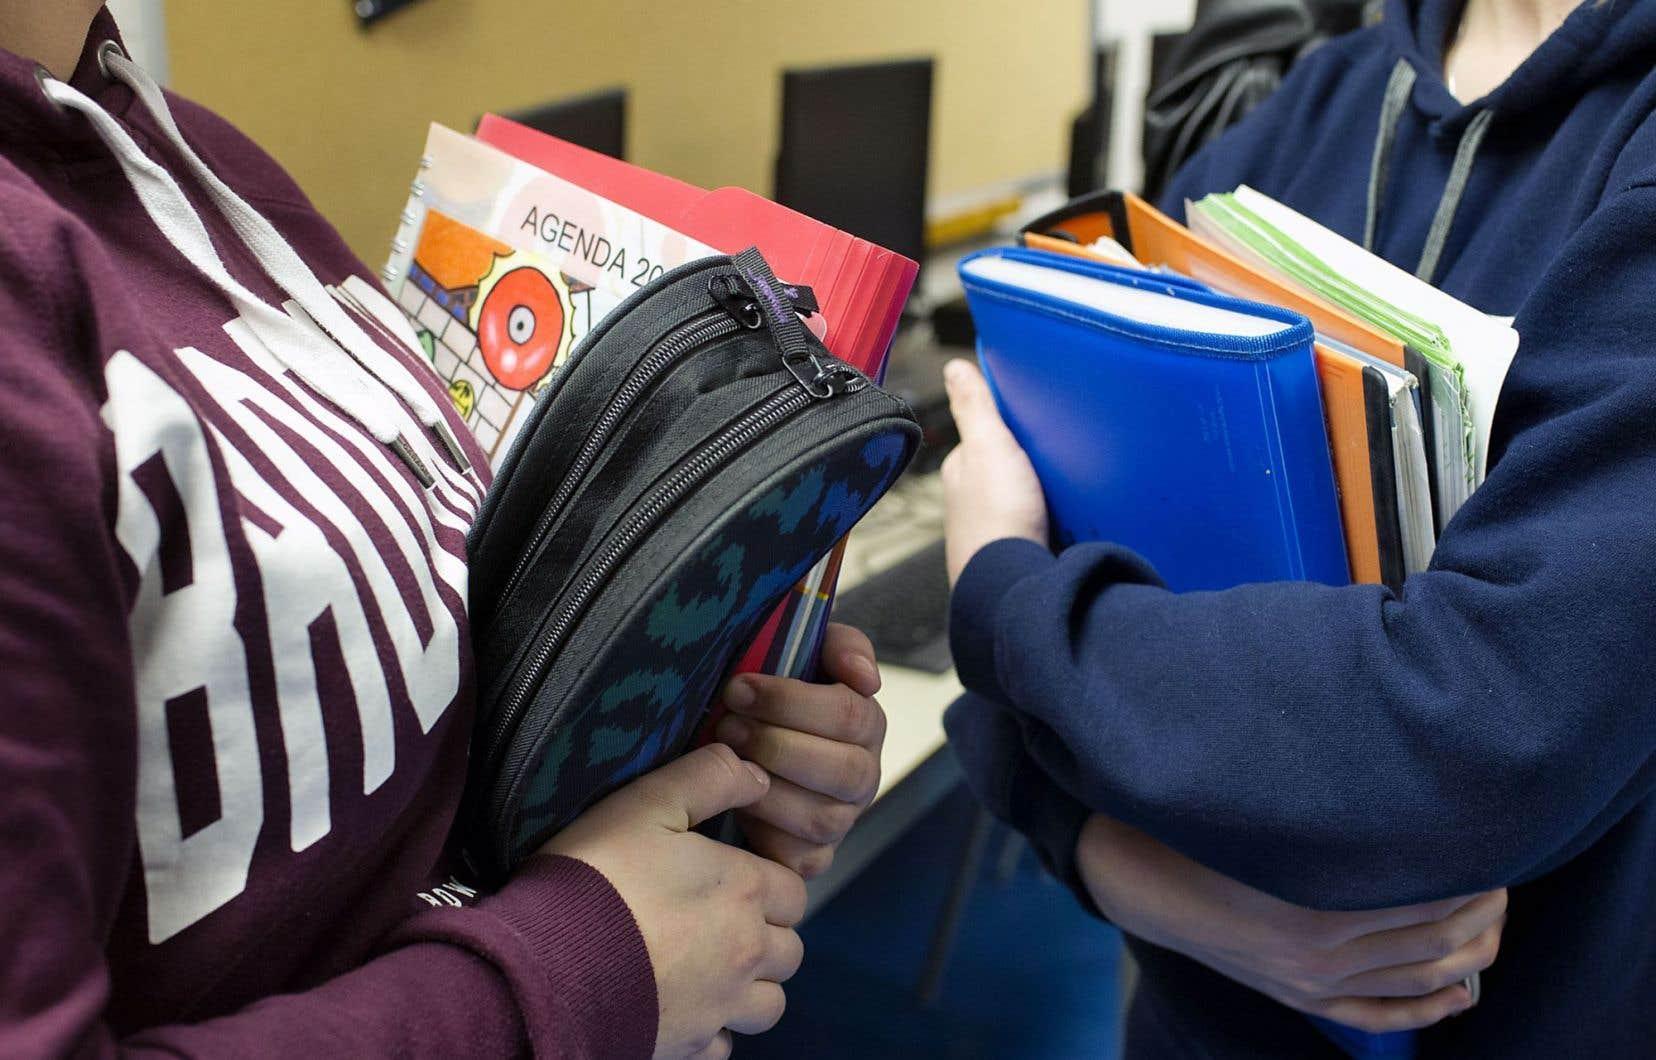 Les coûts liés à la rentrée scolaire incluent les frais reliés au matériel scolaire que la loi permet de facturer aux parents; cela comprend notamment les documents dans lesquels les élèves écrivent, dessinent ou découpent, explique la directrice générale de la Fédération des comités de parents du Québec, Lyne Deschamps.